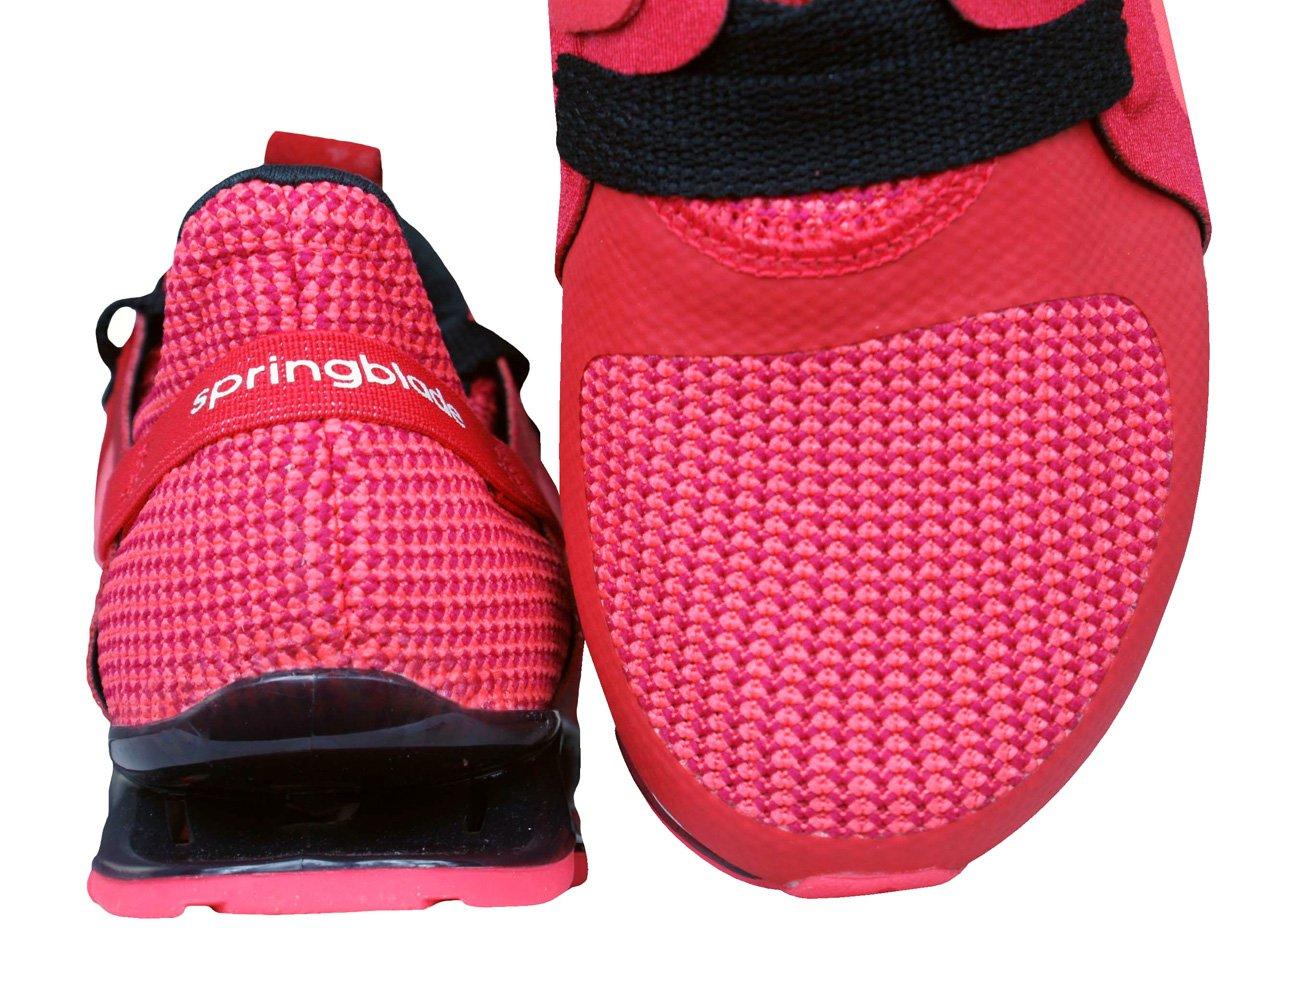 Adidas corrientes springblade nanaya mujeres zapatillas 14130 de